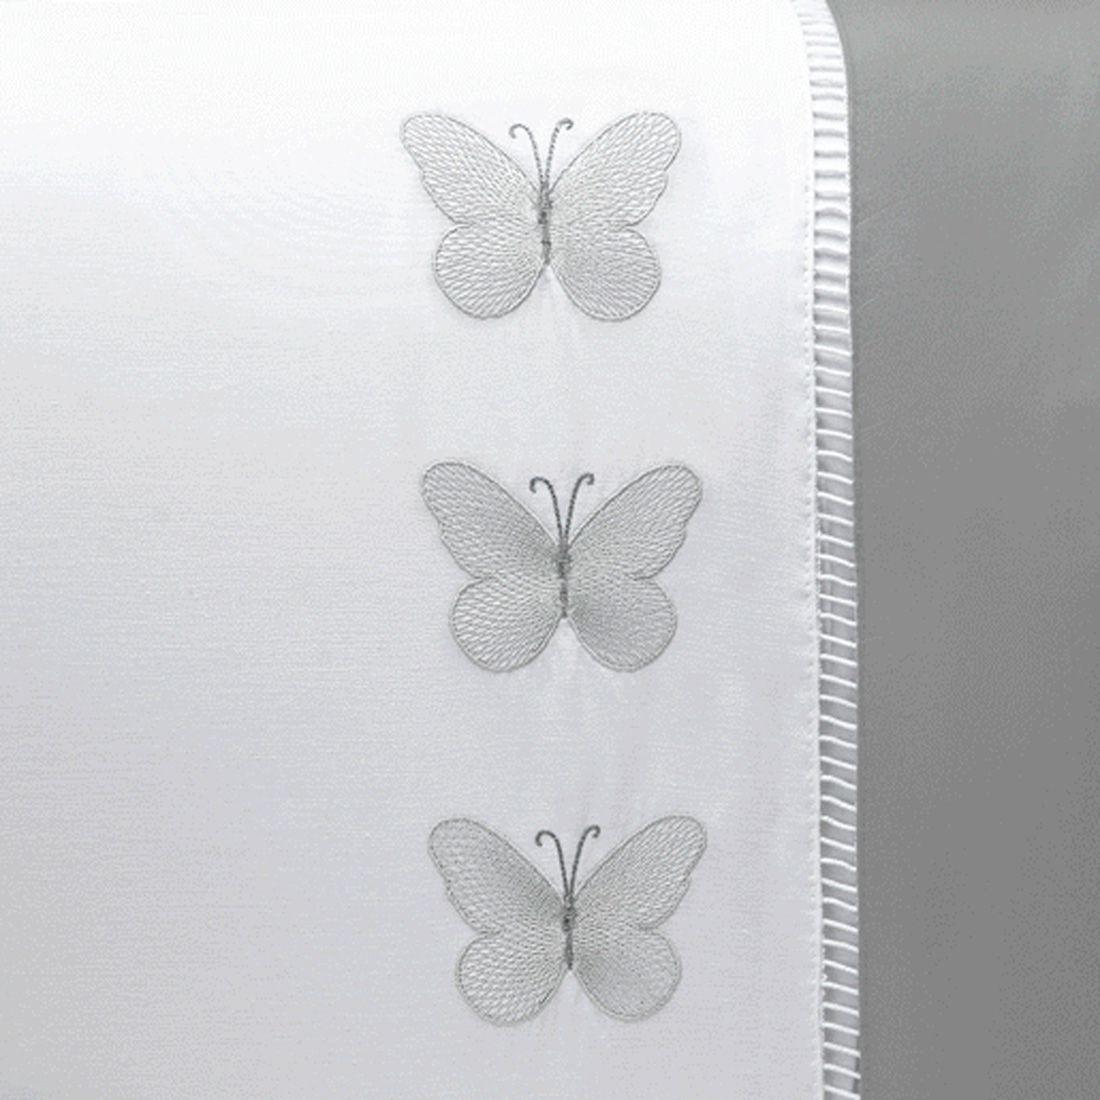 Jogo de Cama Papillons Branco Queen 04 Peças - Tecido Percal 180 Fios